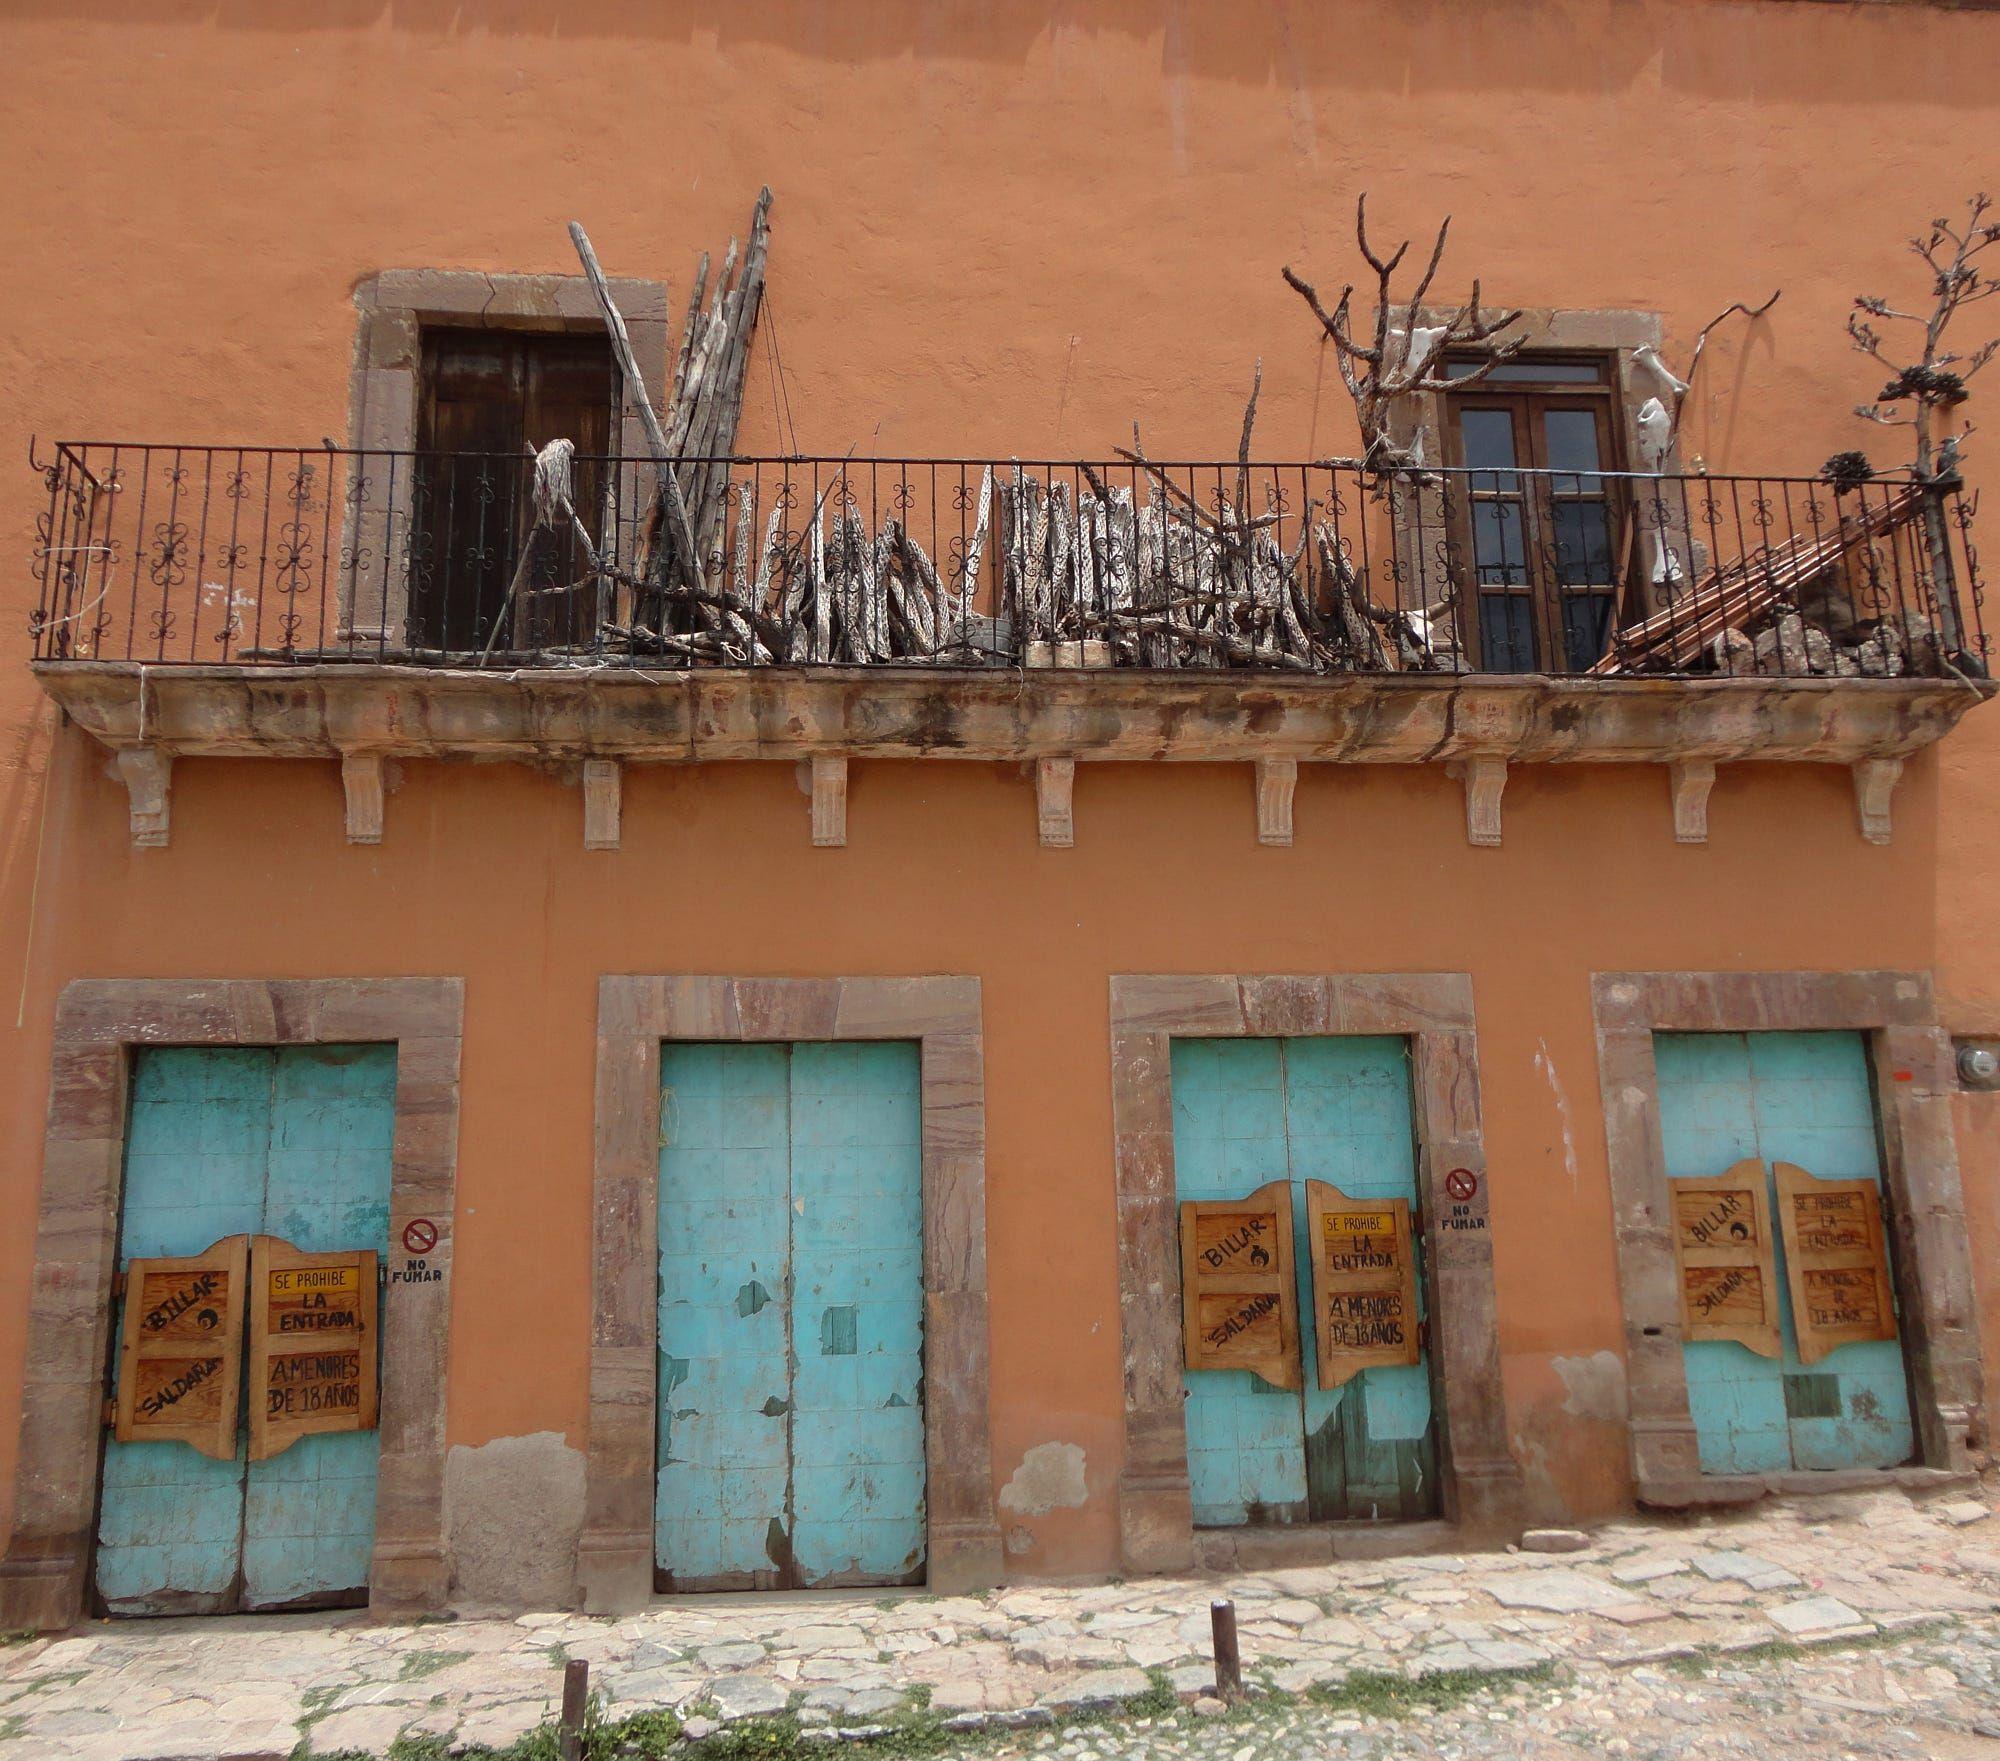 Este es el billar Saldaña, en Real de Catorce, San Luis Potosí.